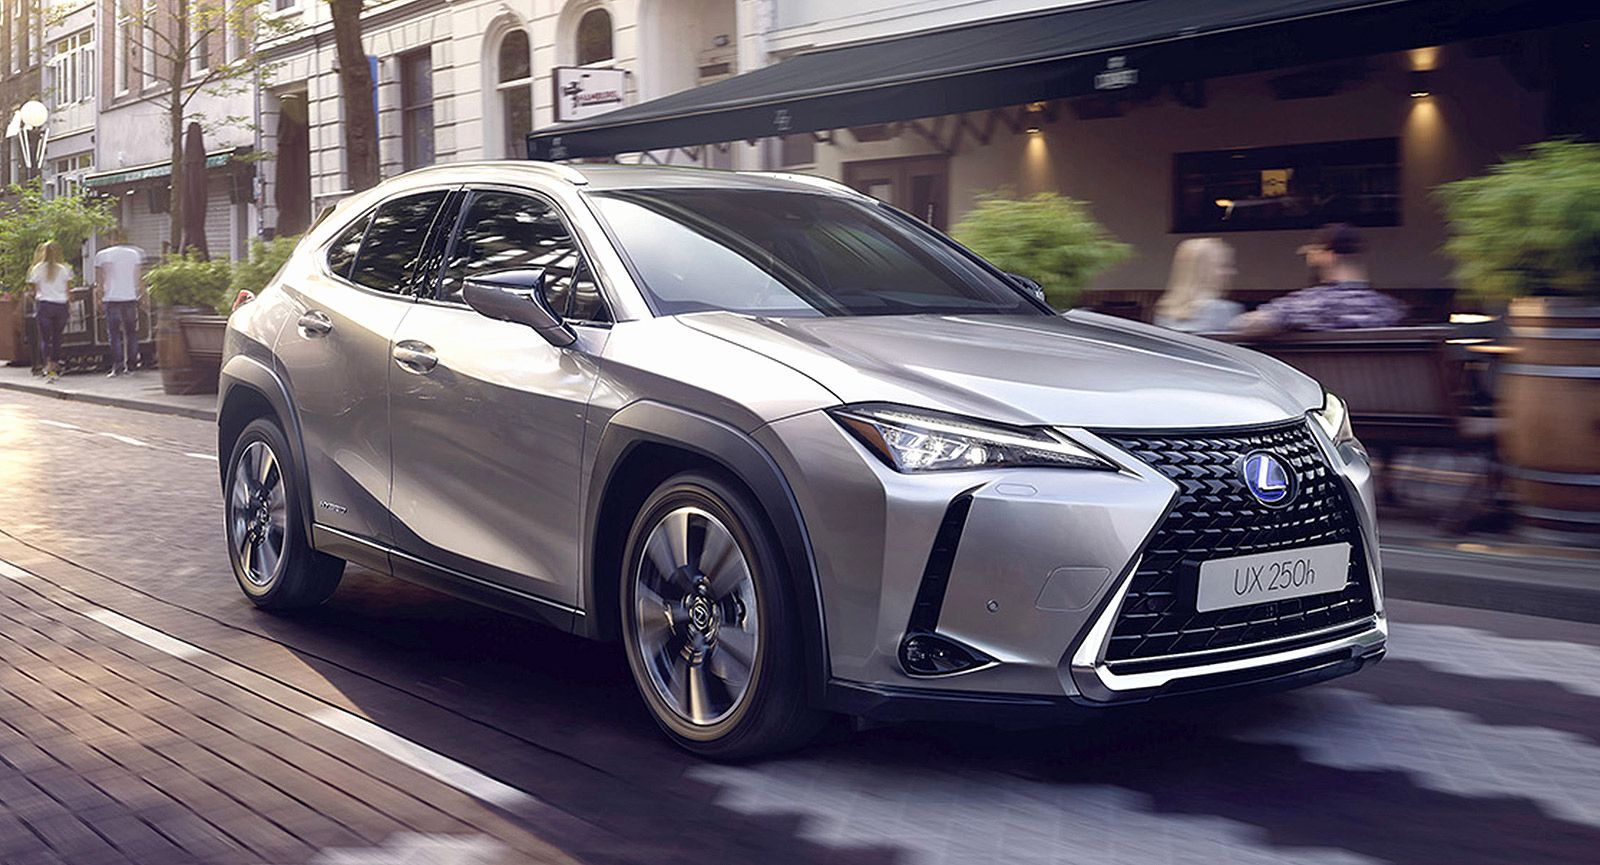 Lexus Ux 2020 Giá Specs and Review Lexus, New lexus, Car